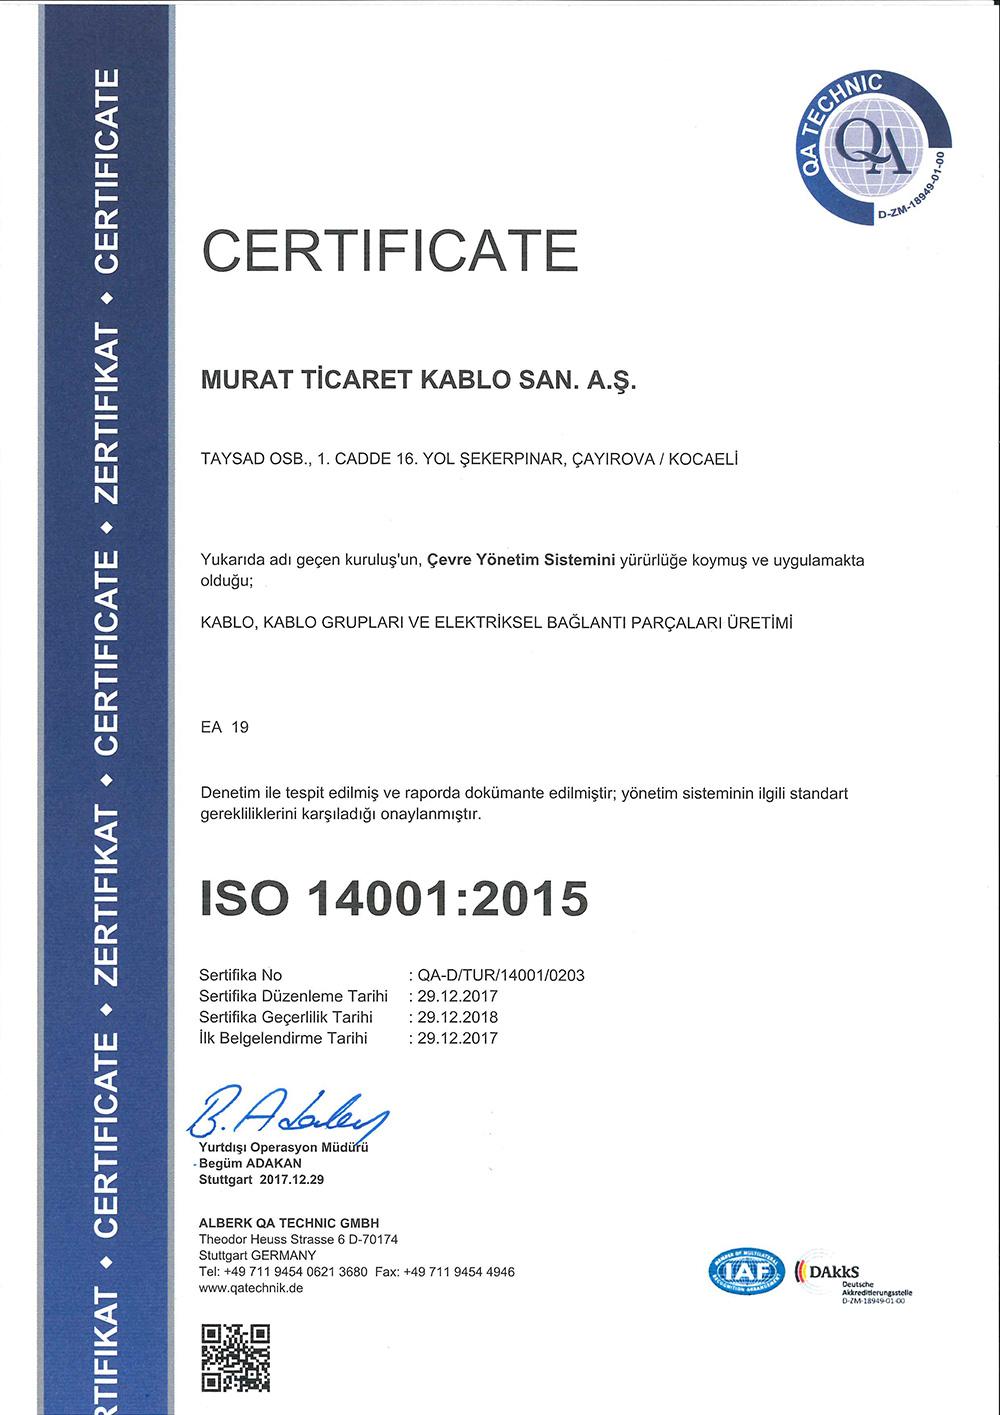 GEBZE ISO-14001 CERTIFICATE